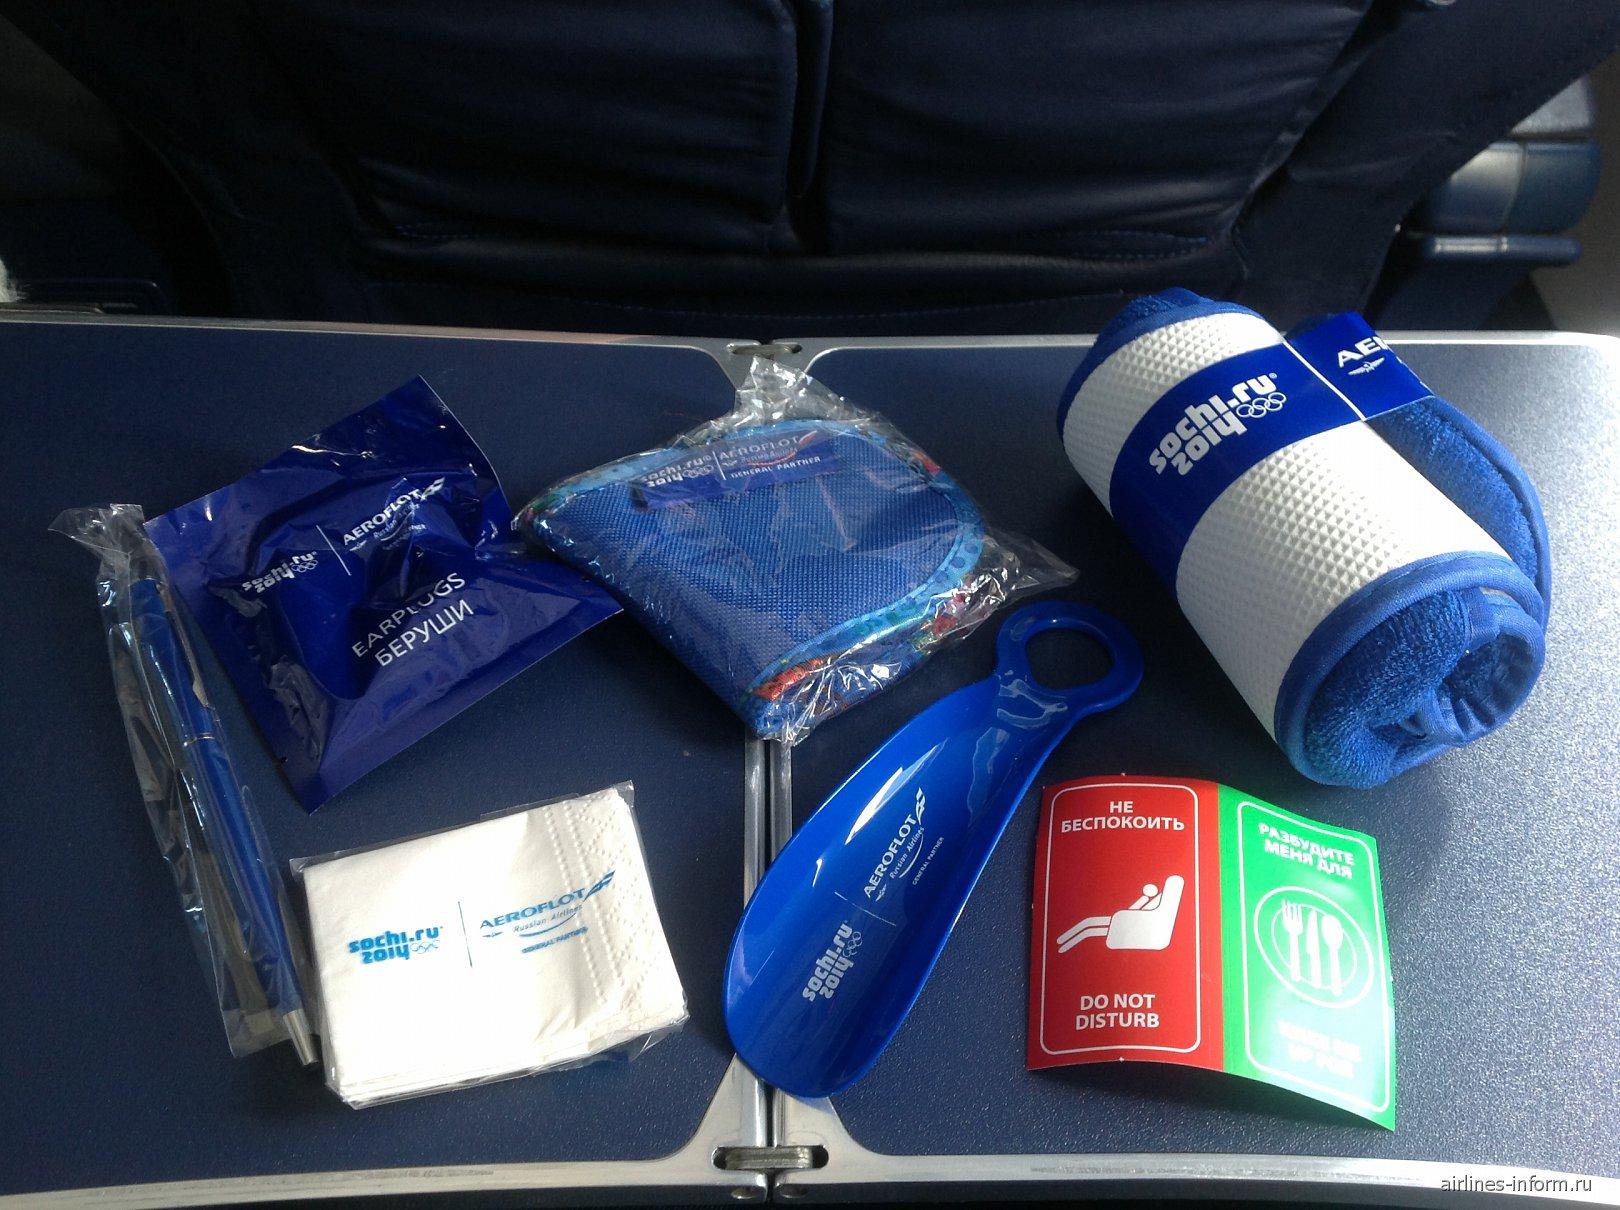 Набор пассажира бизнес-класса авиакомпании Аэрофлот